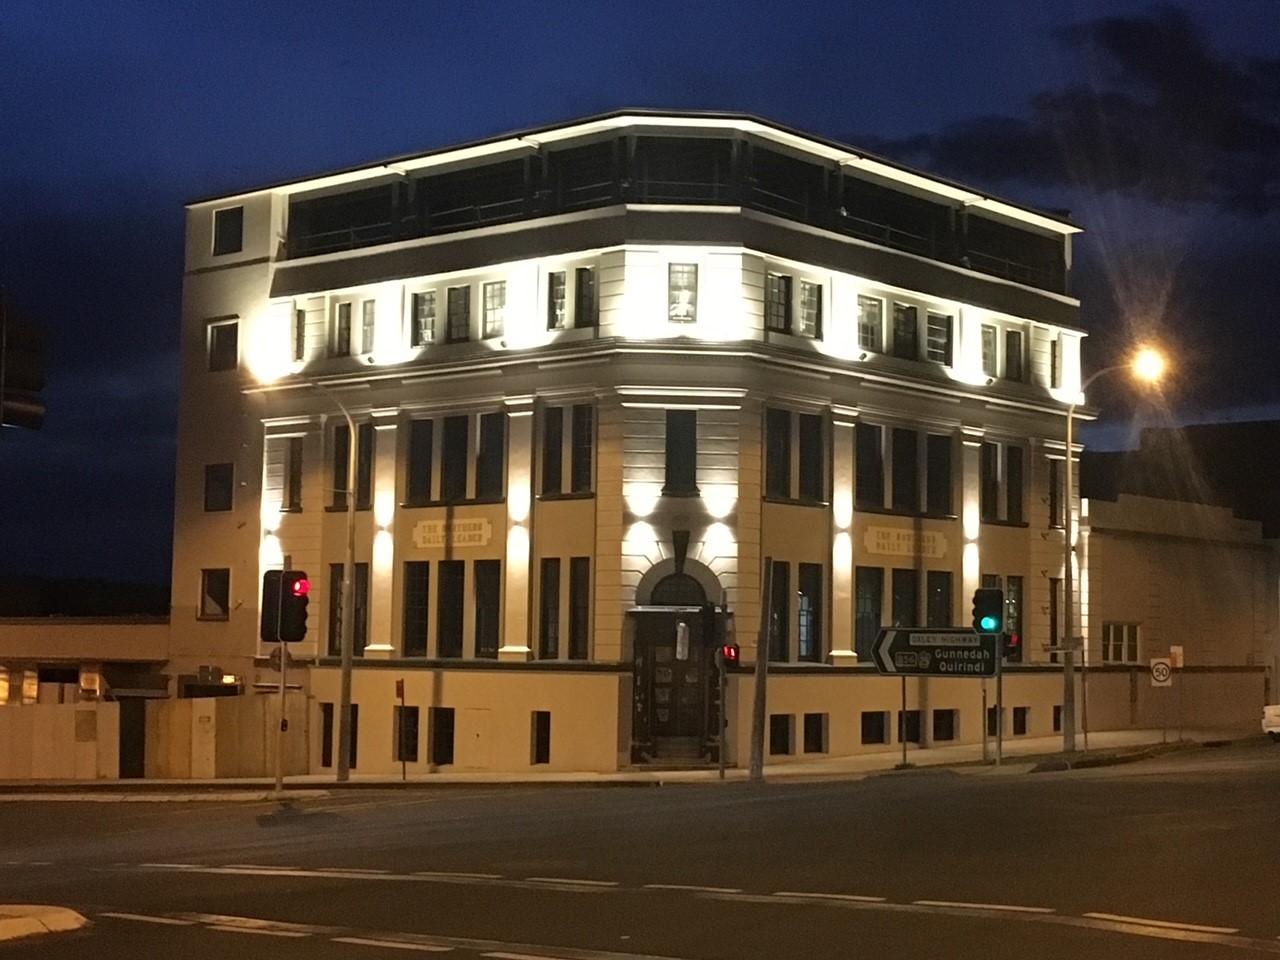 Leader Building